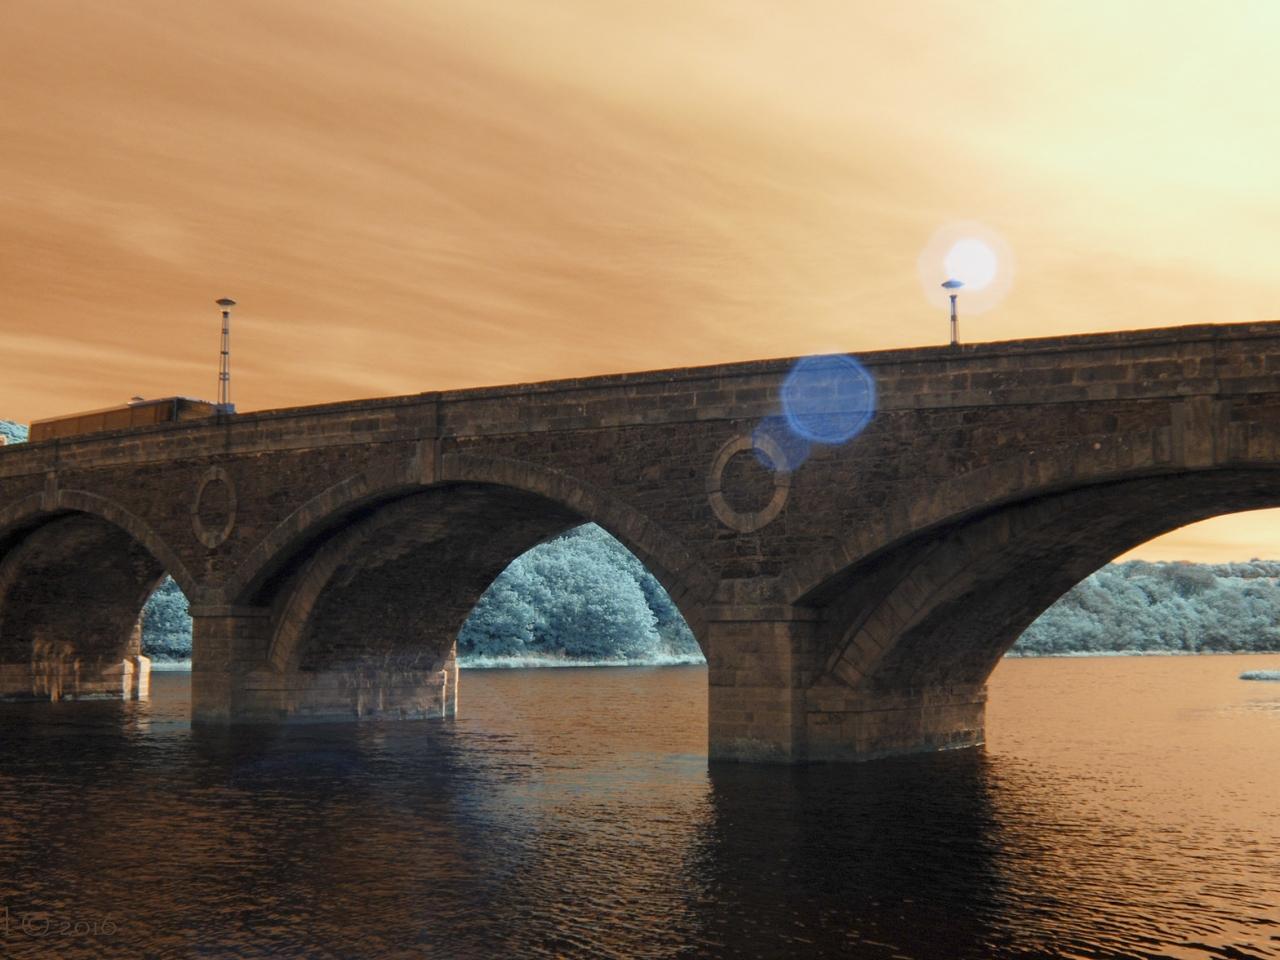 Puentes y puestas de sol - 1280x960